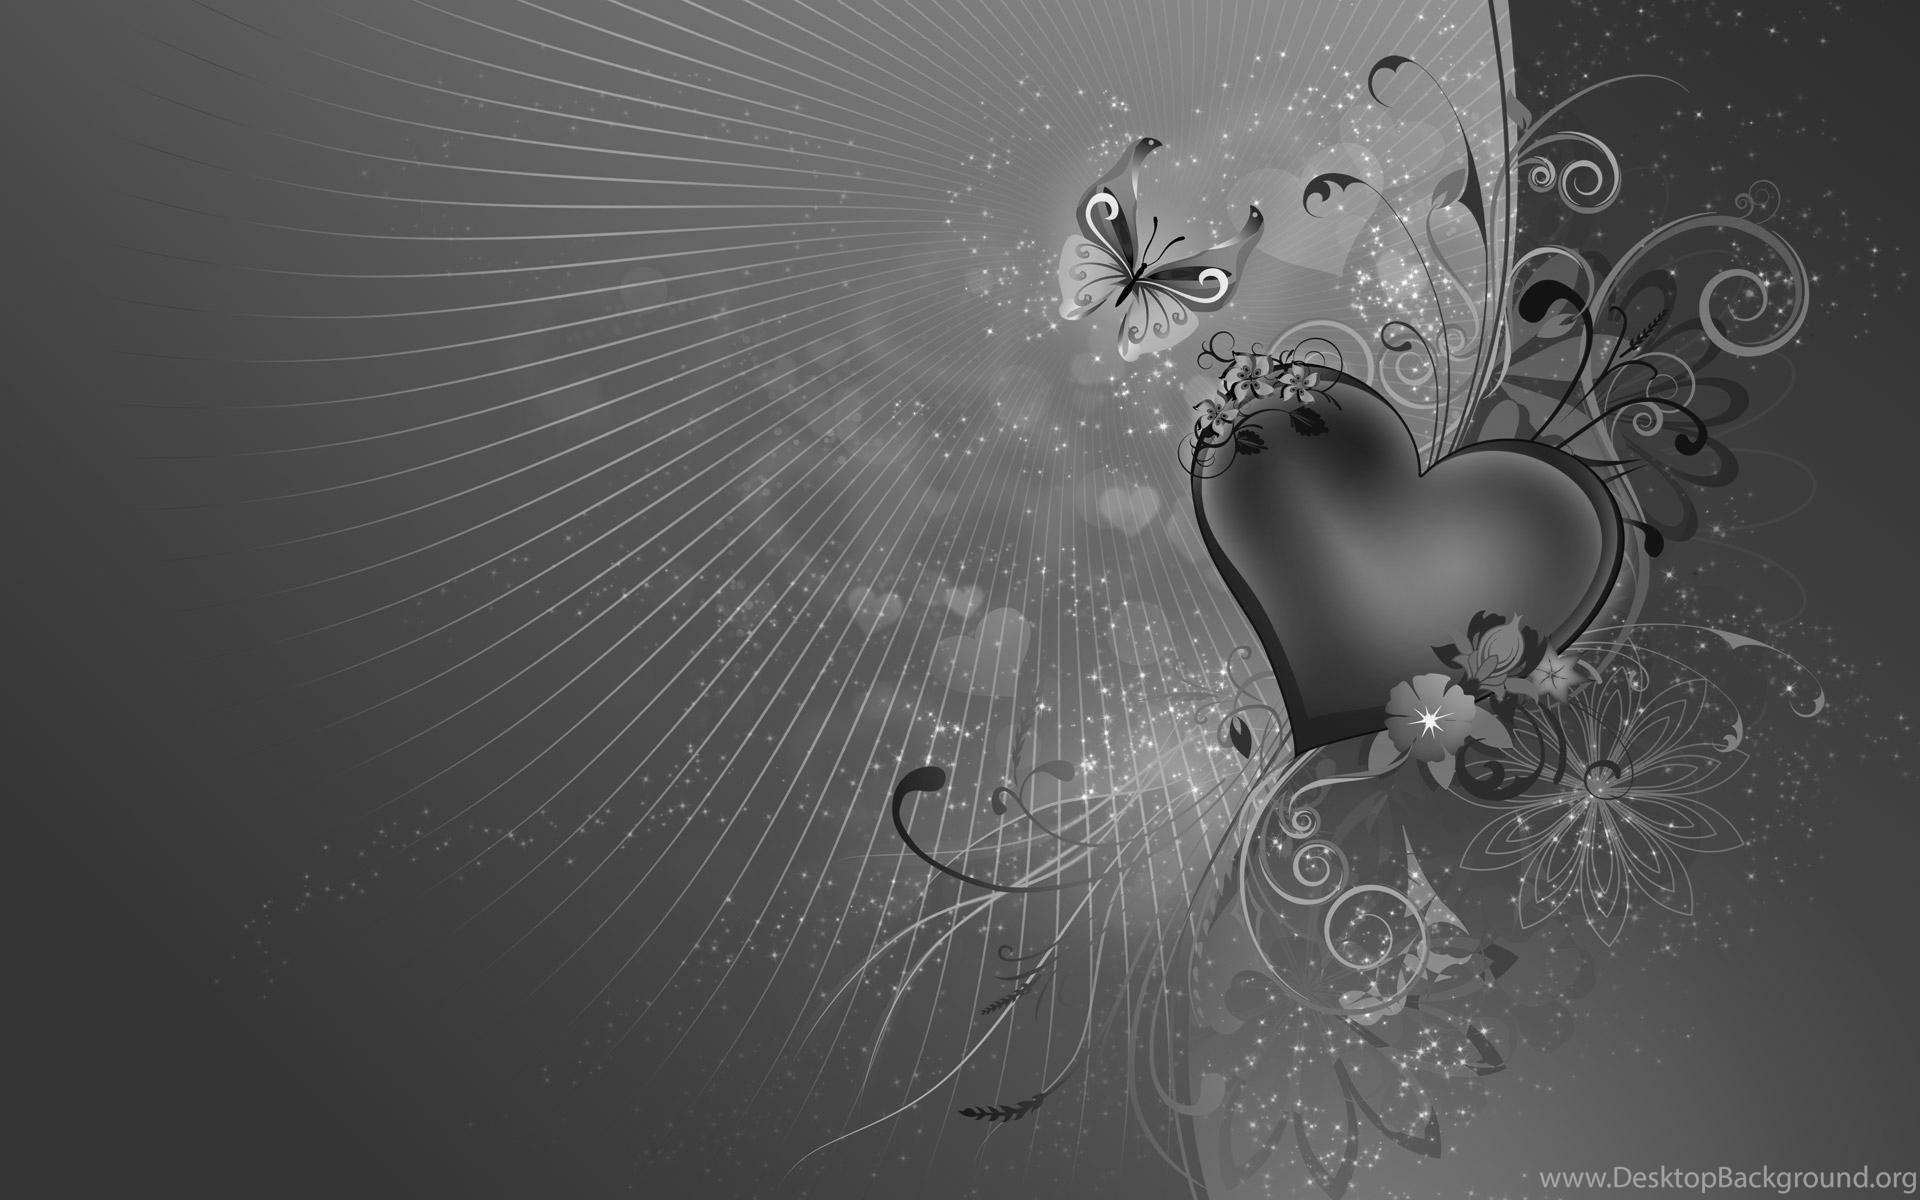 903734 love black and white love heart hdtv 1080p wallpaper black